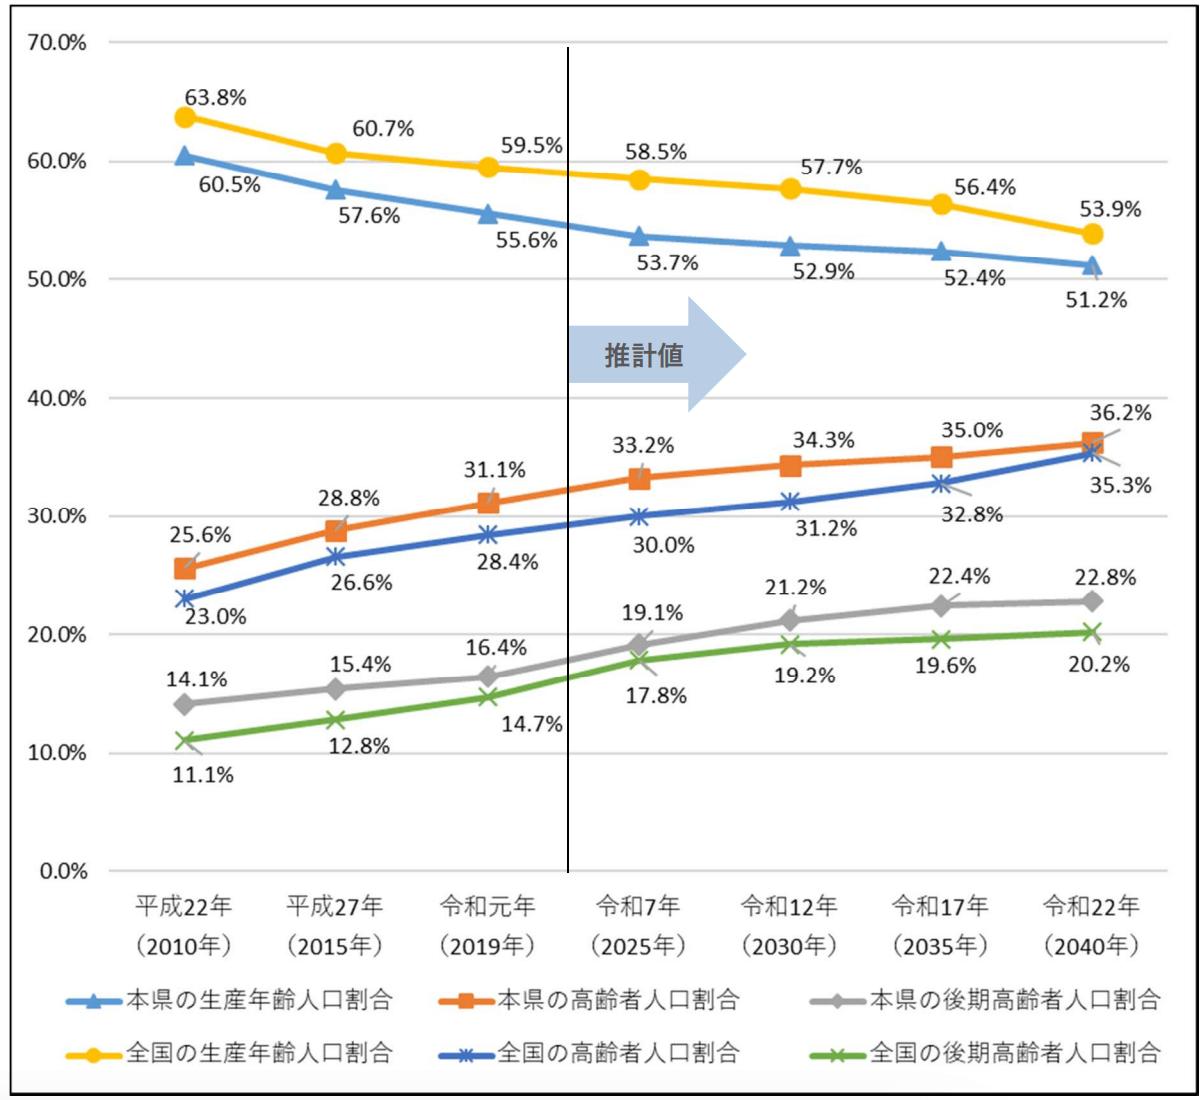 熊本県高齢化率